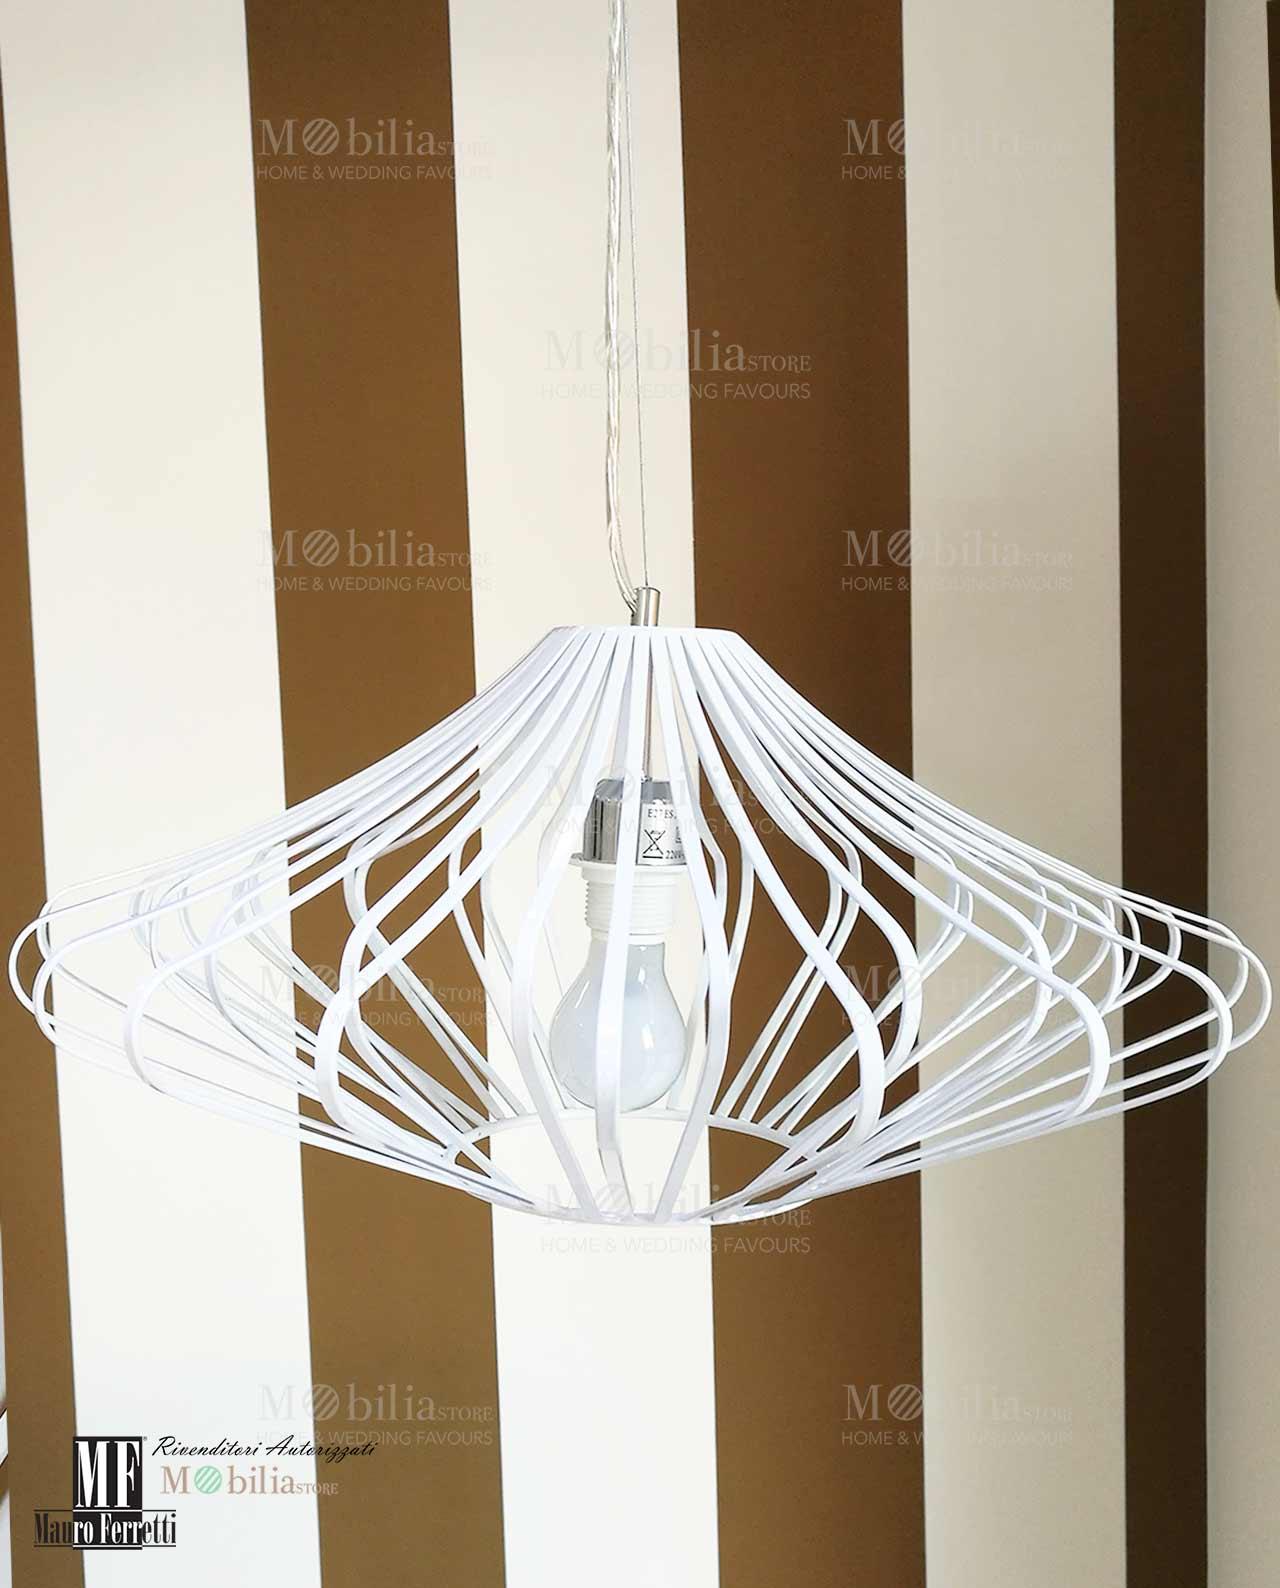 Lampadario Moderno Soffitto in sospensione - MobiliaStore